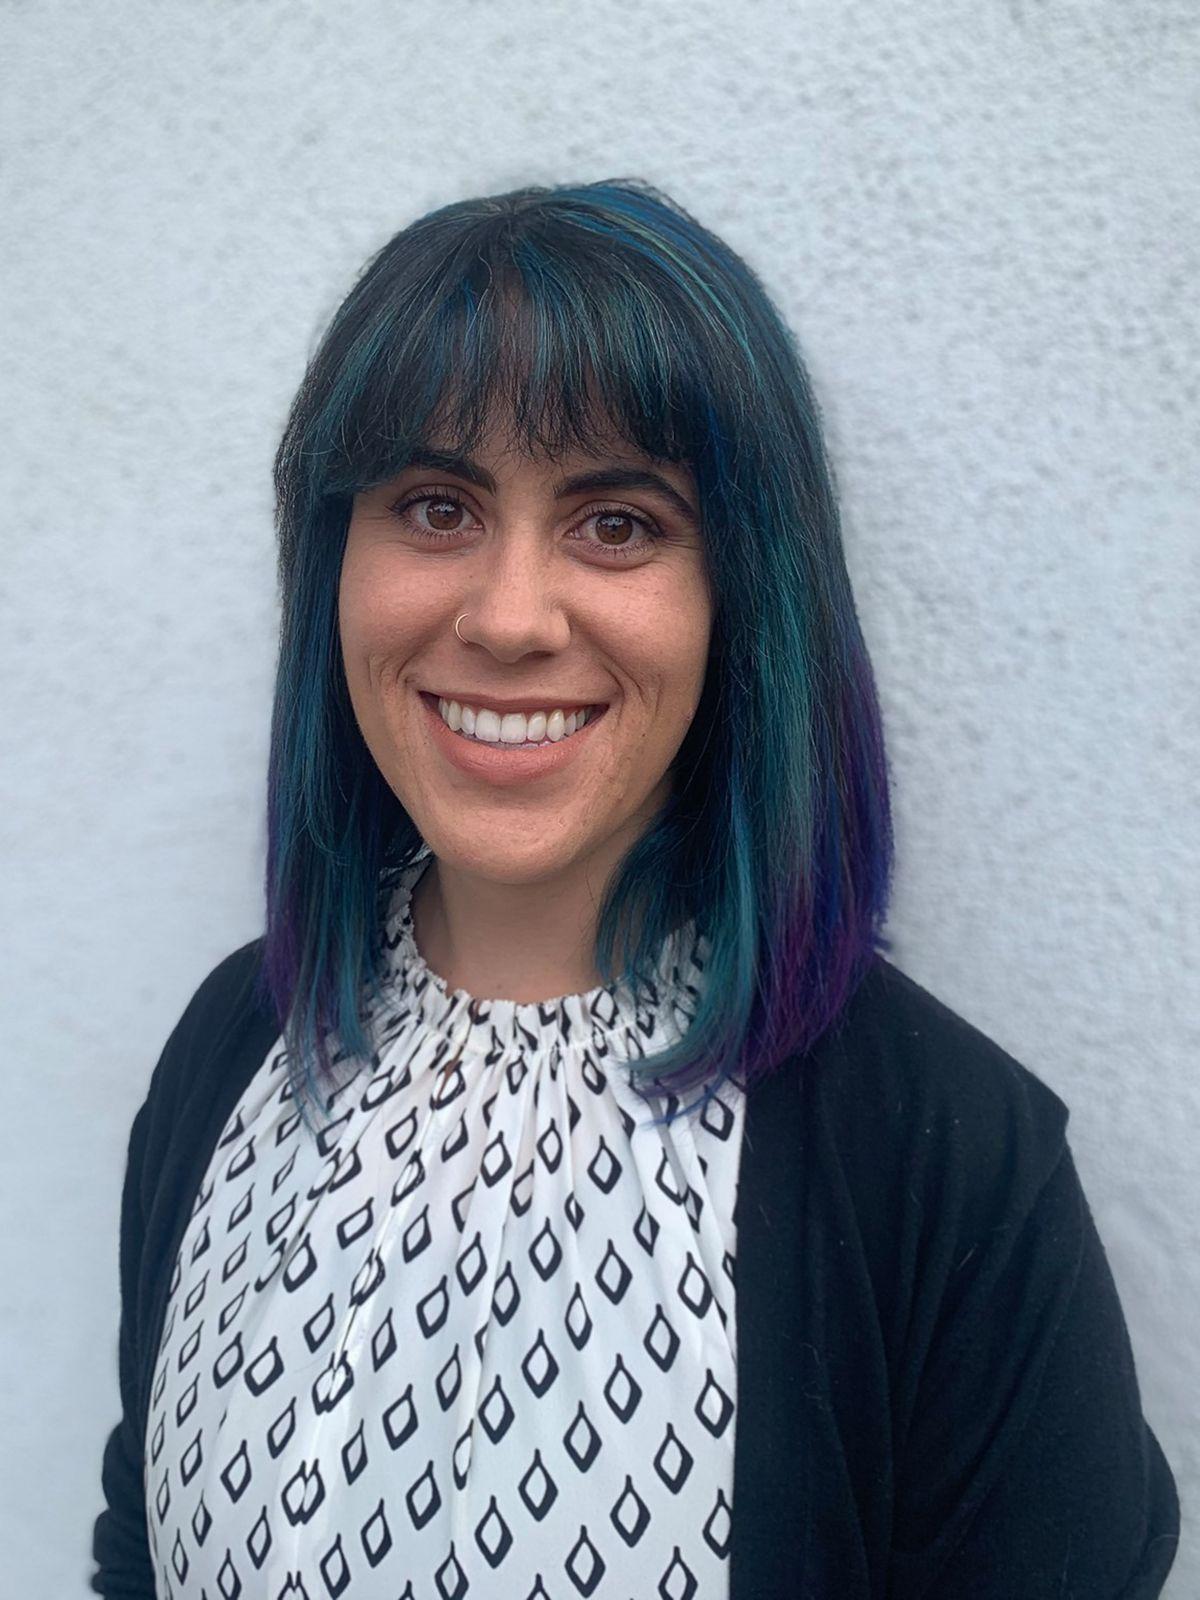 a head shot of a high school teacher